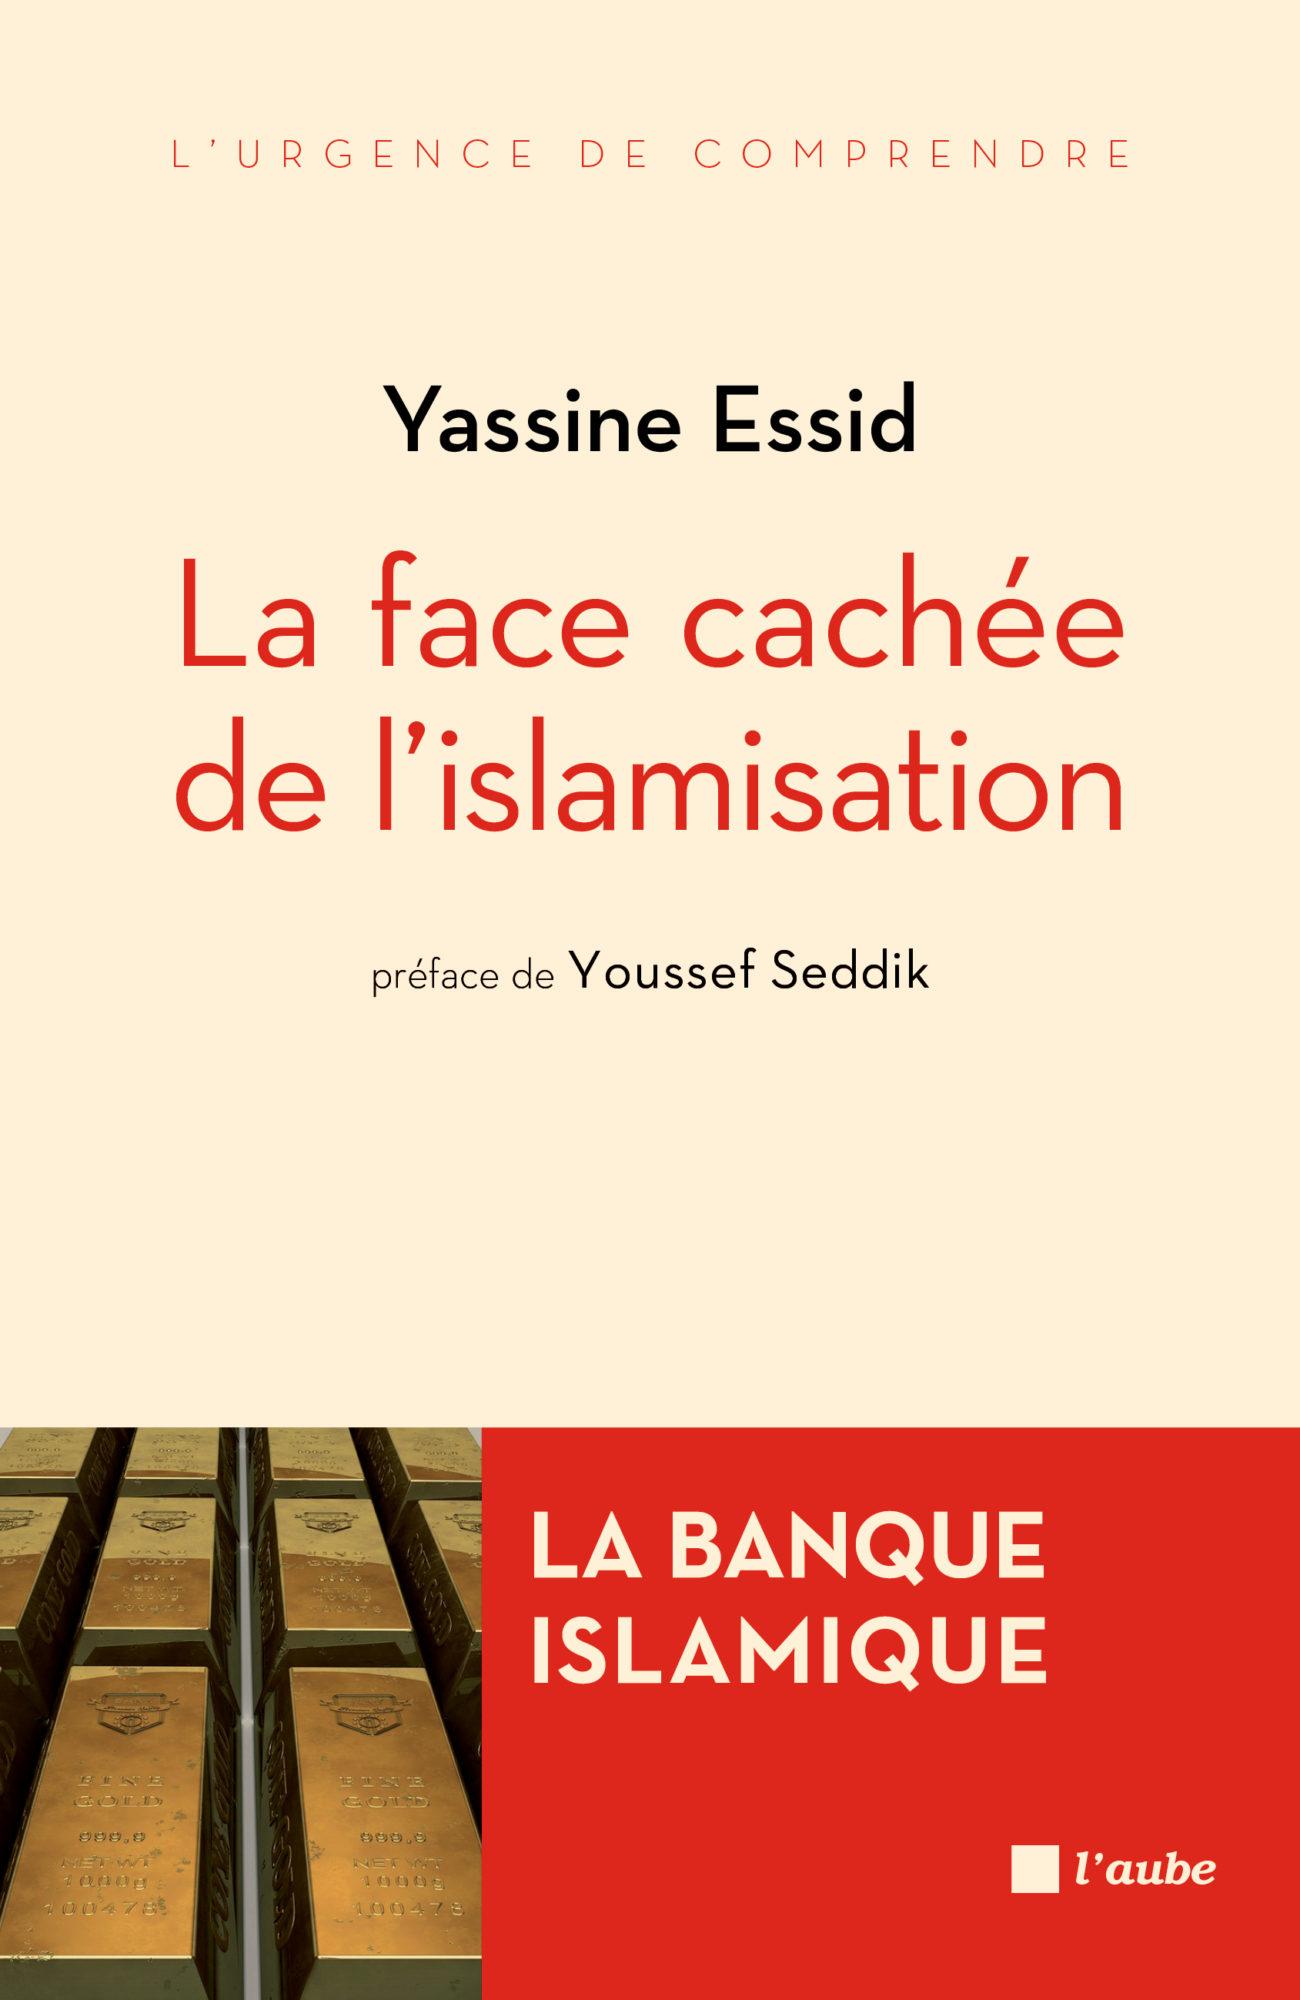 La face cachée de l'islamisation